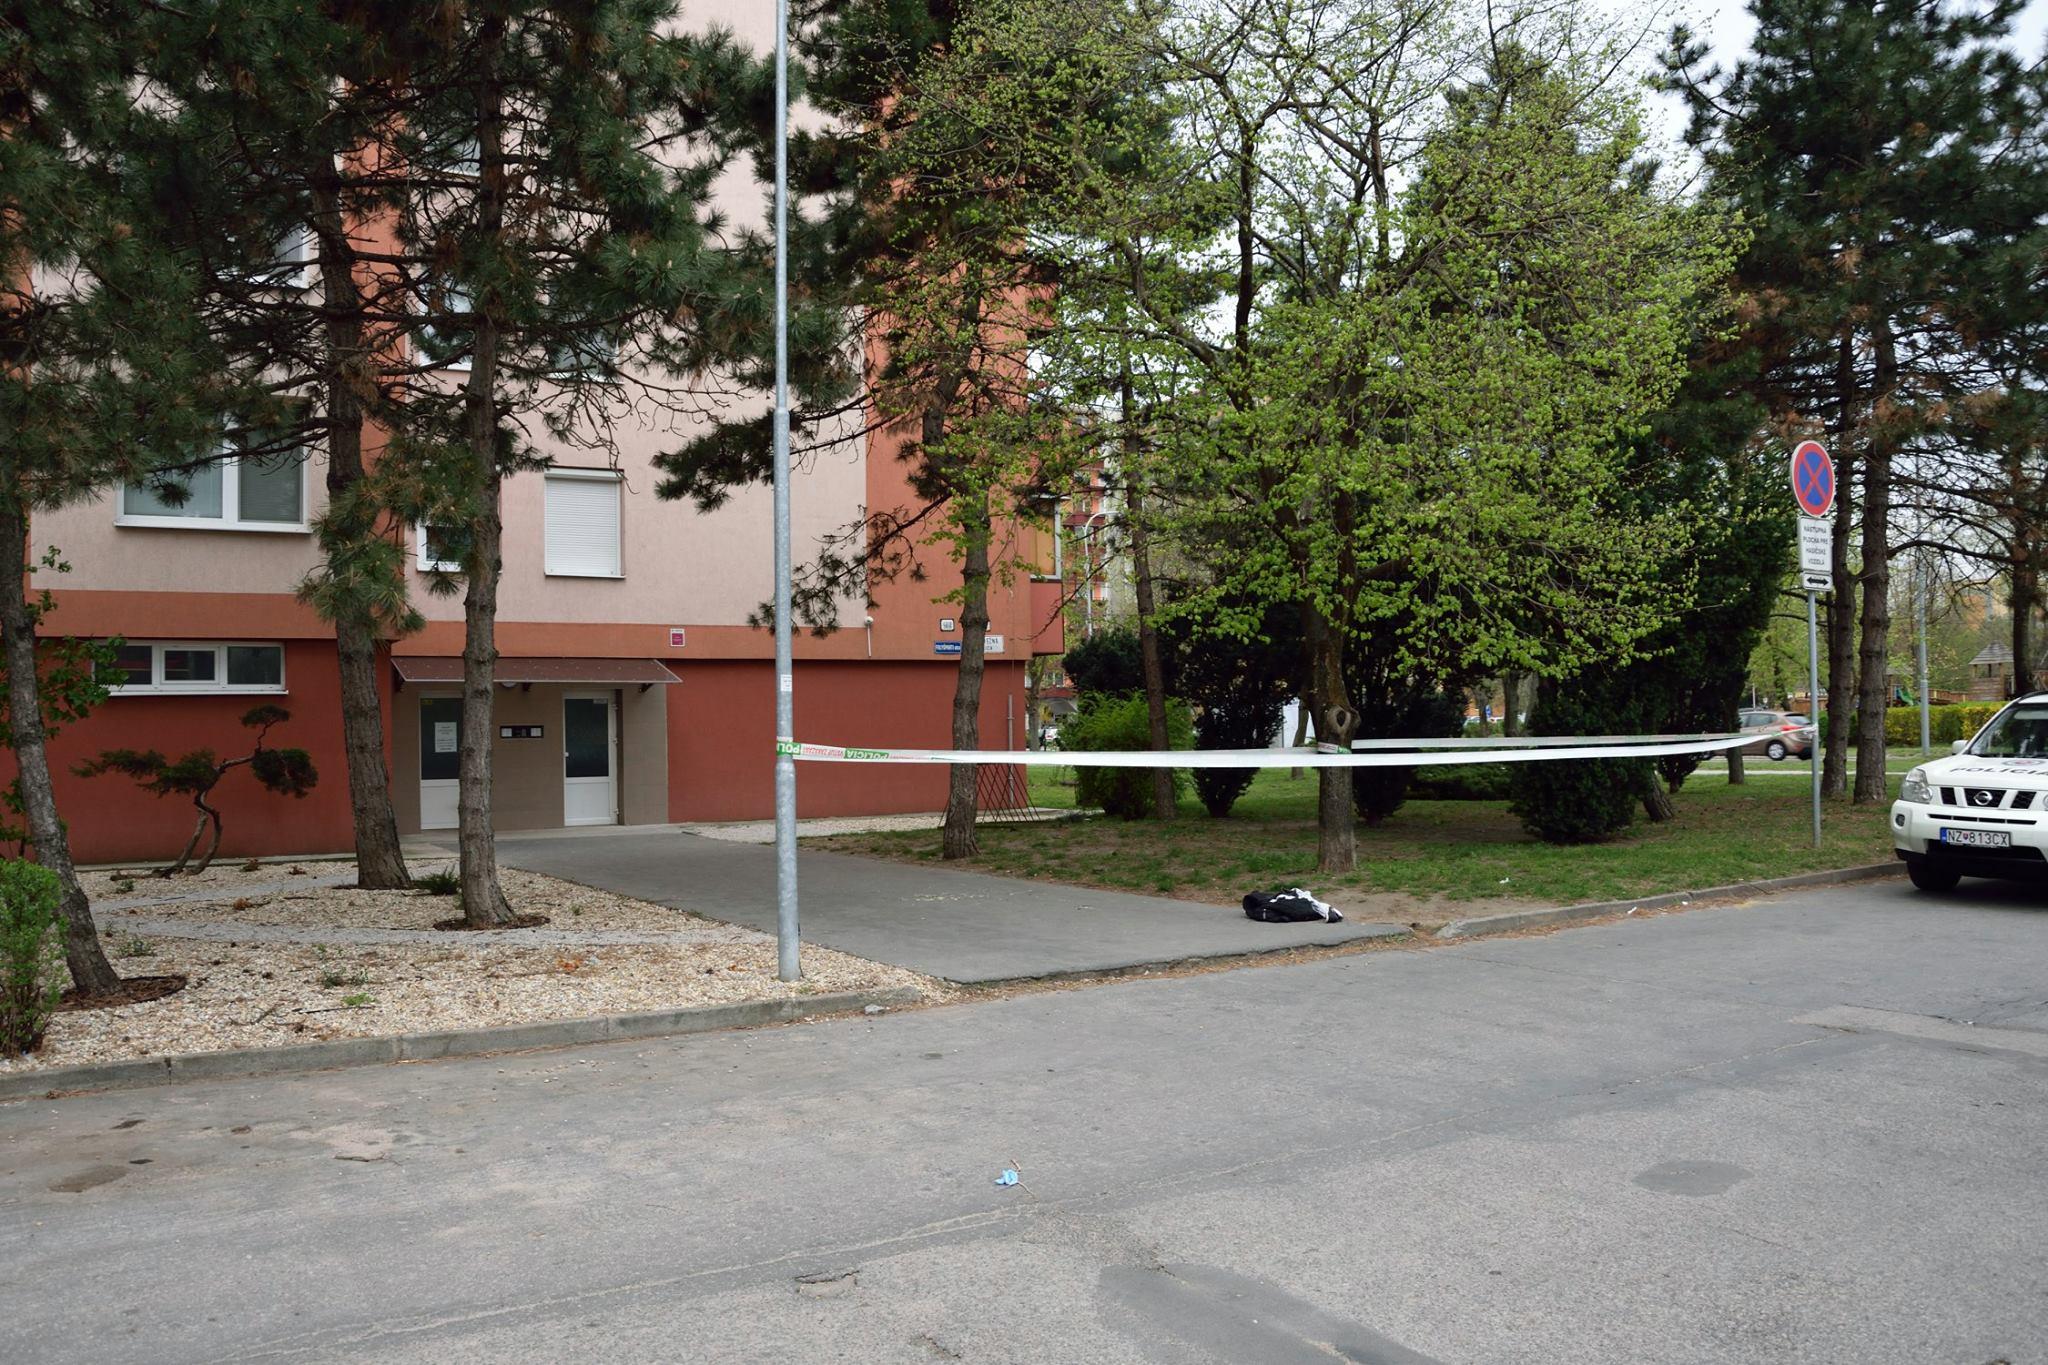 Savval öntöttek le egy nőt Érsekújváron, belehalt